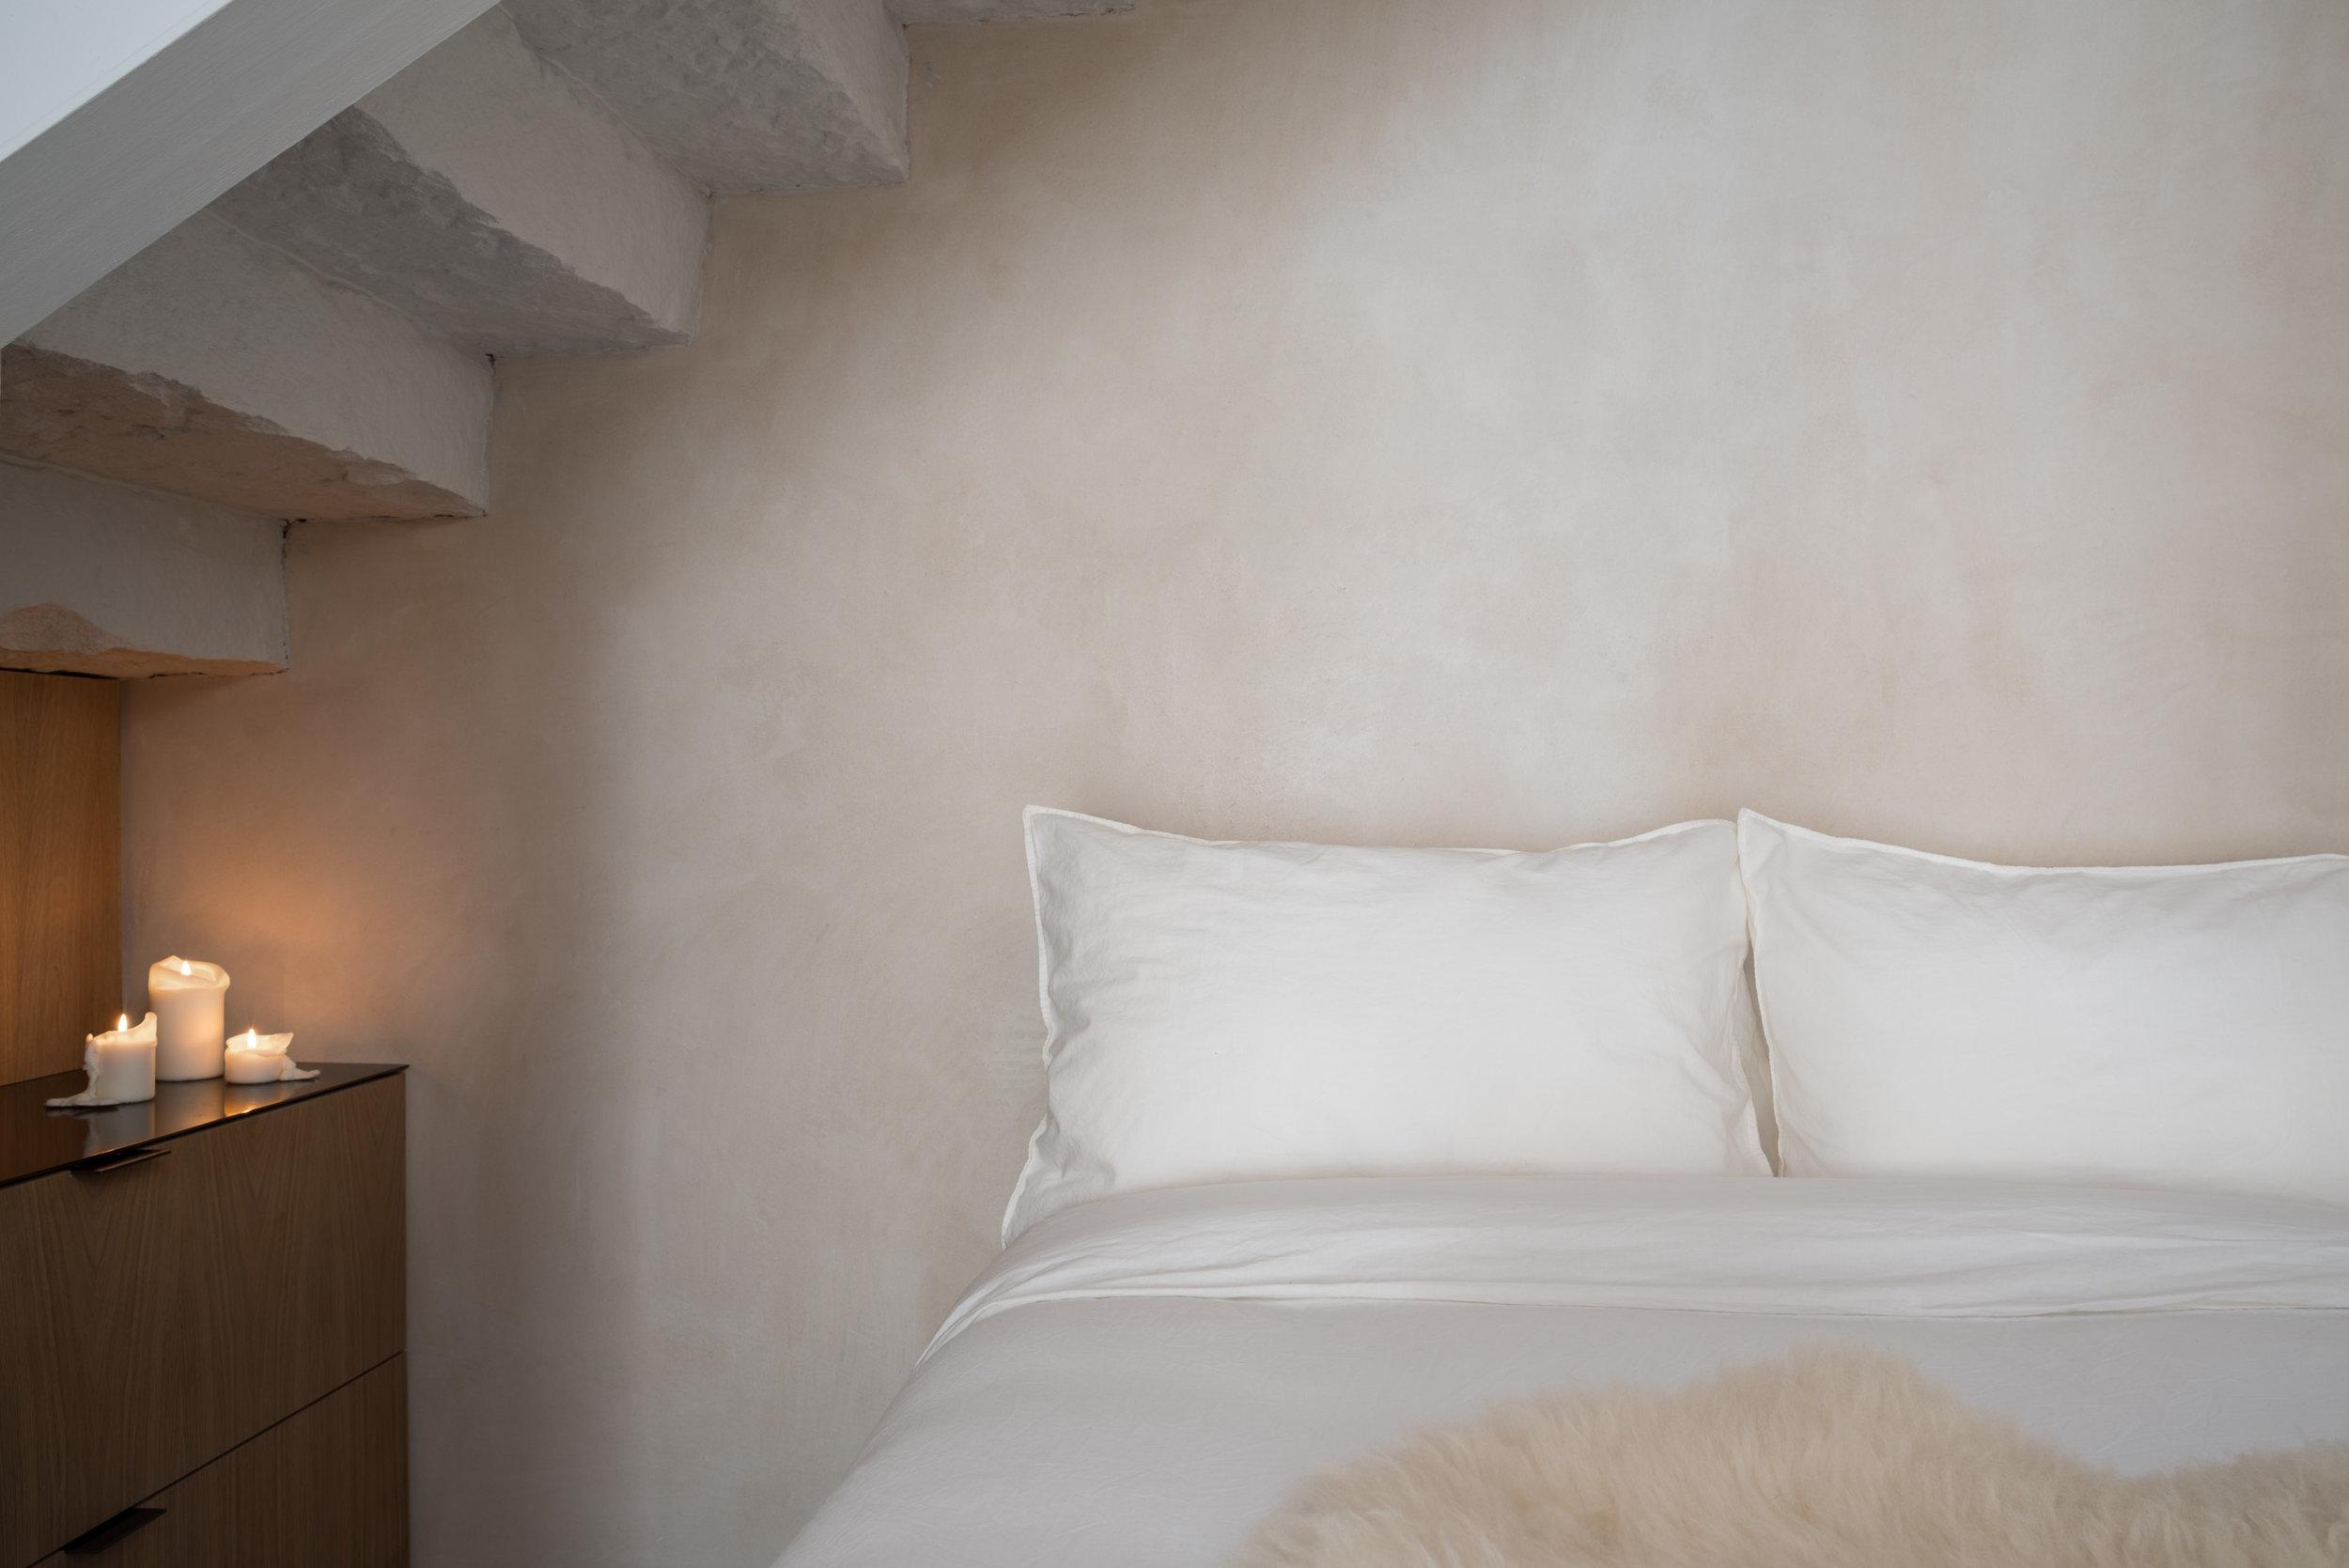 Bed & Stair.jpg